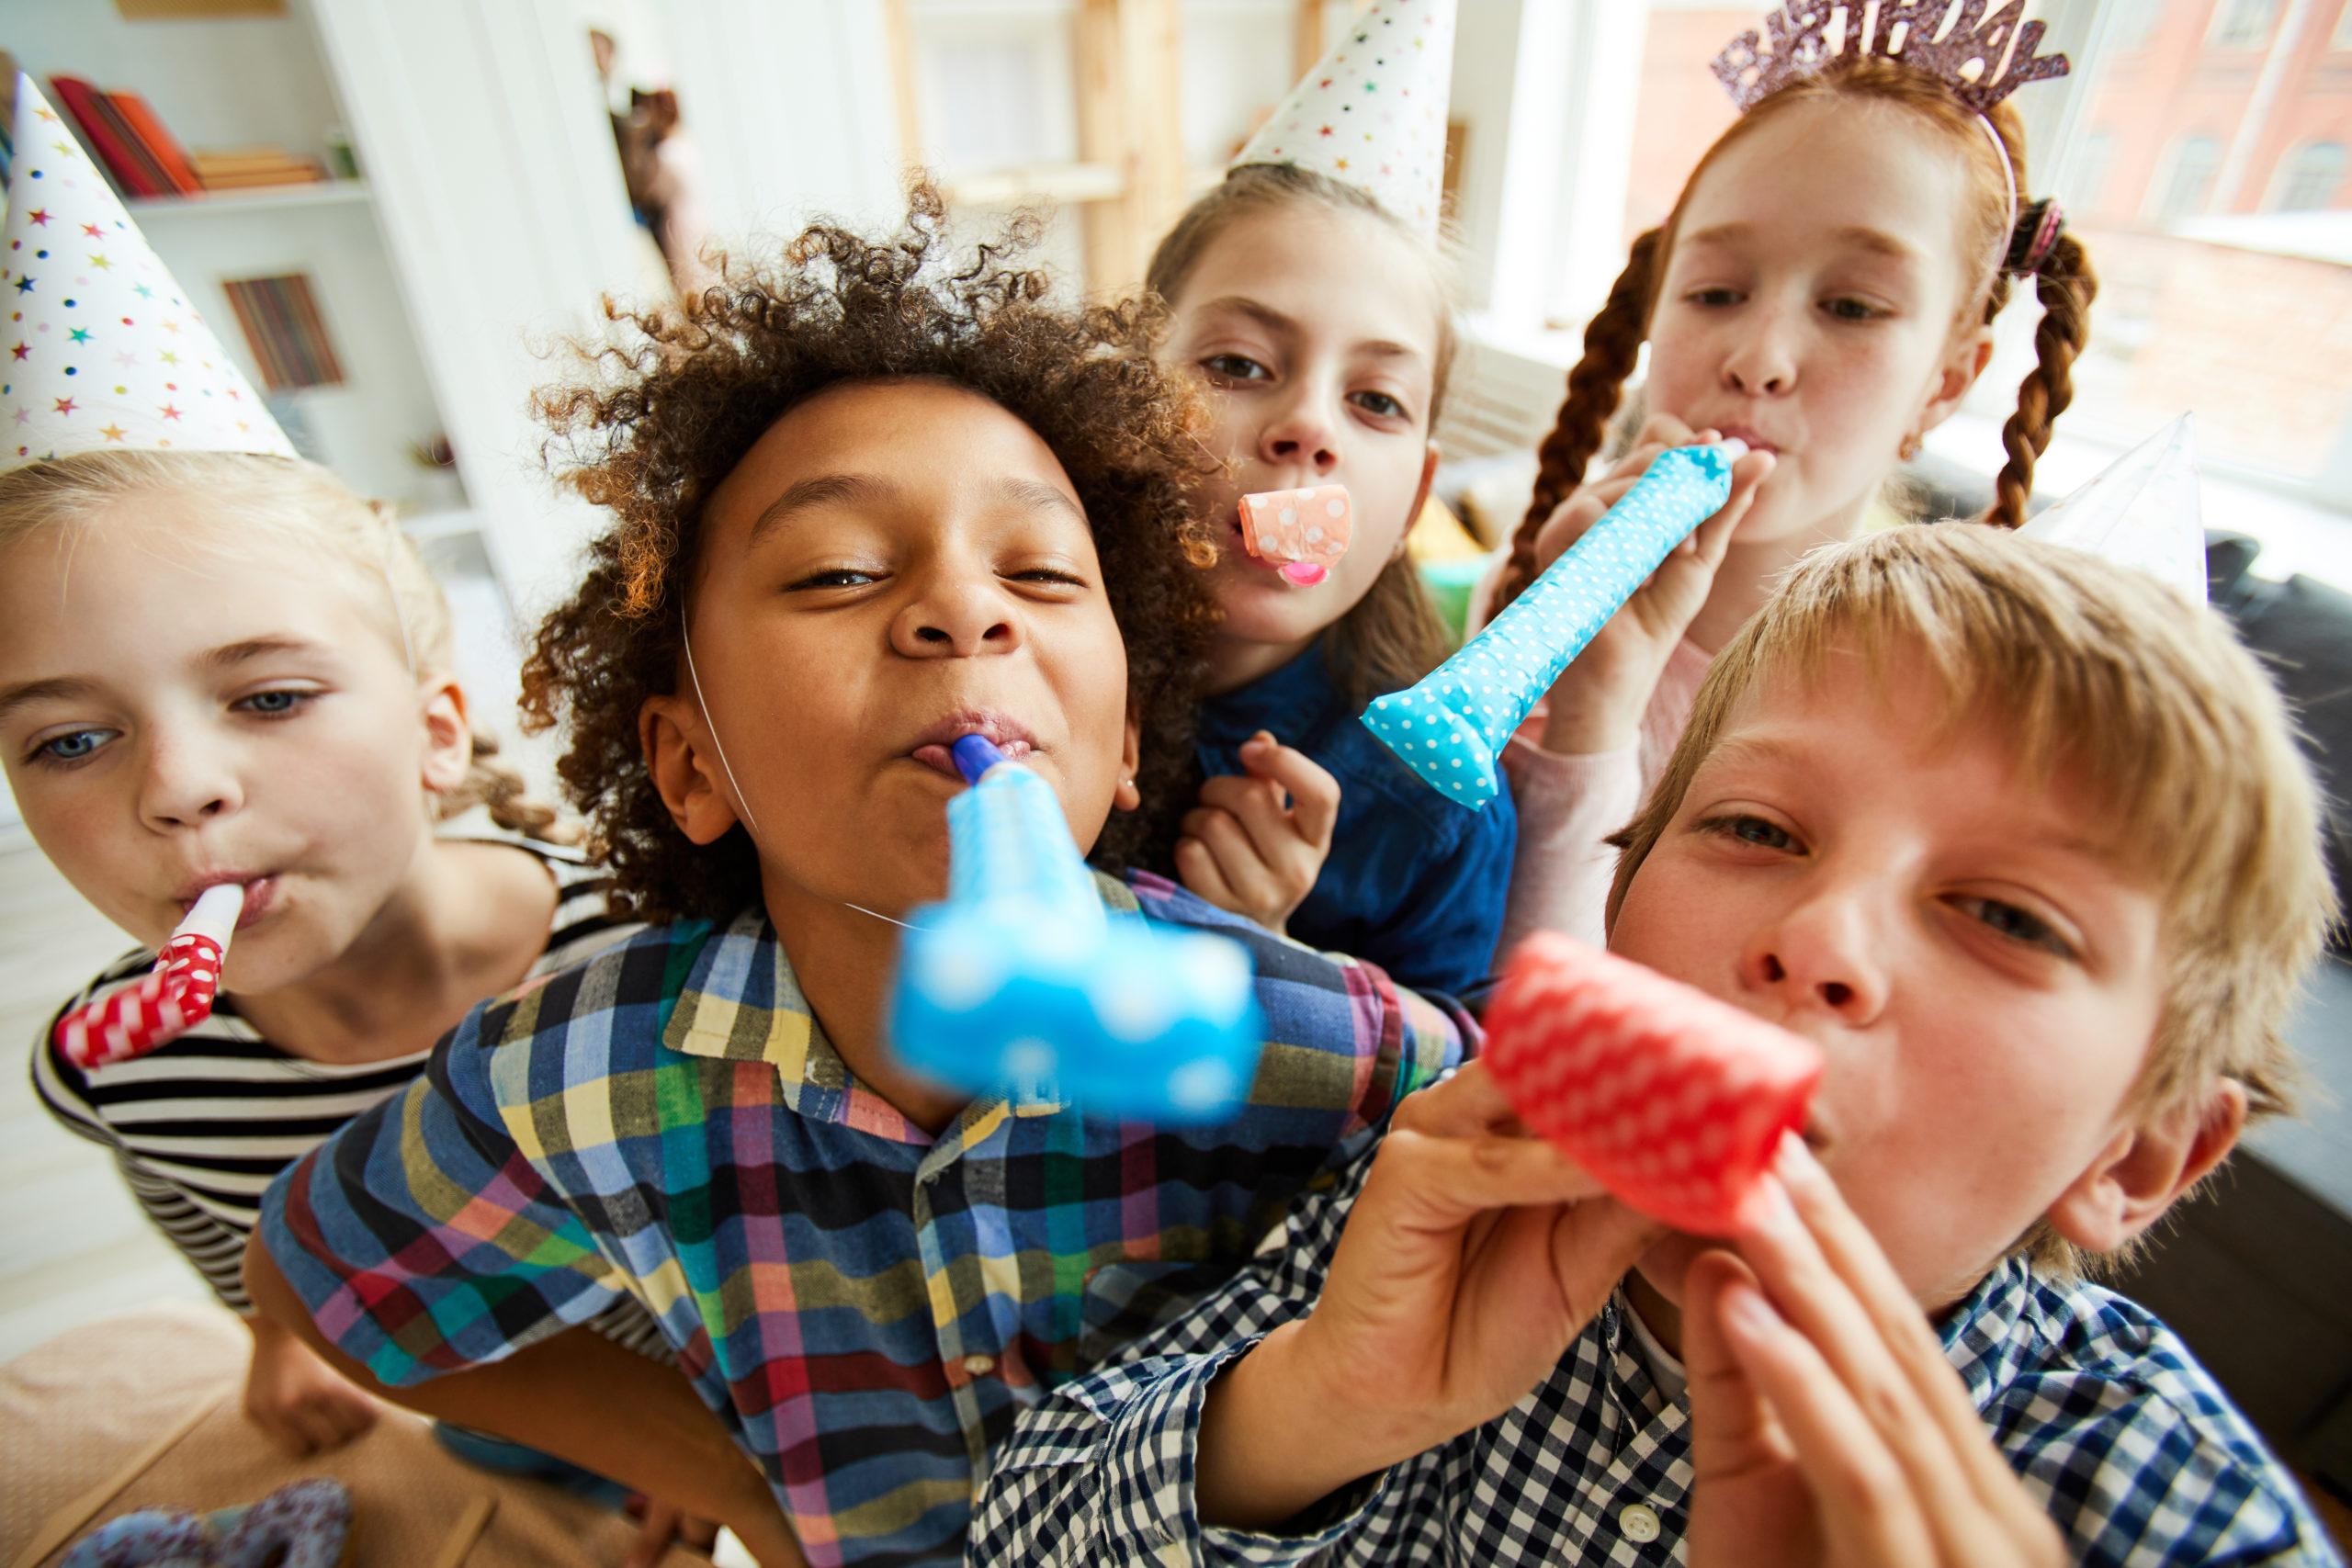 kinderfeestje - kinderen blazen op toeters